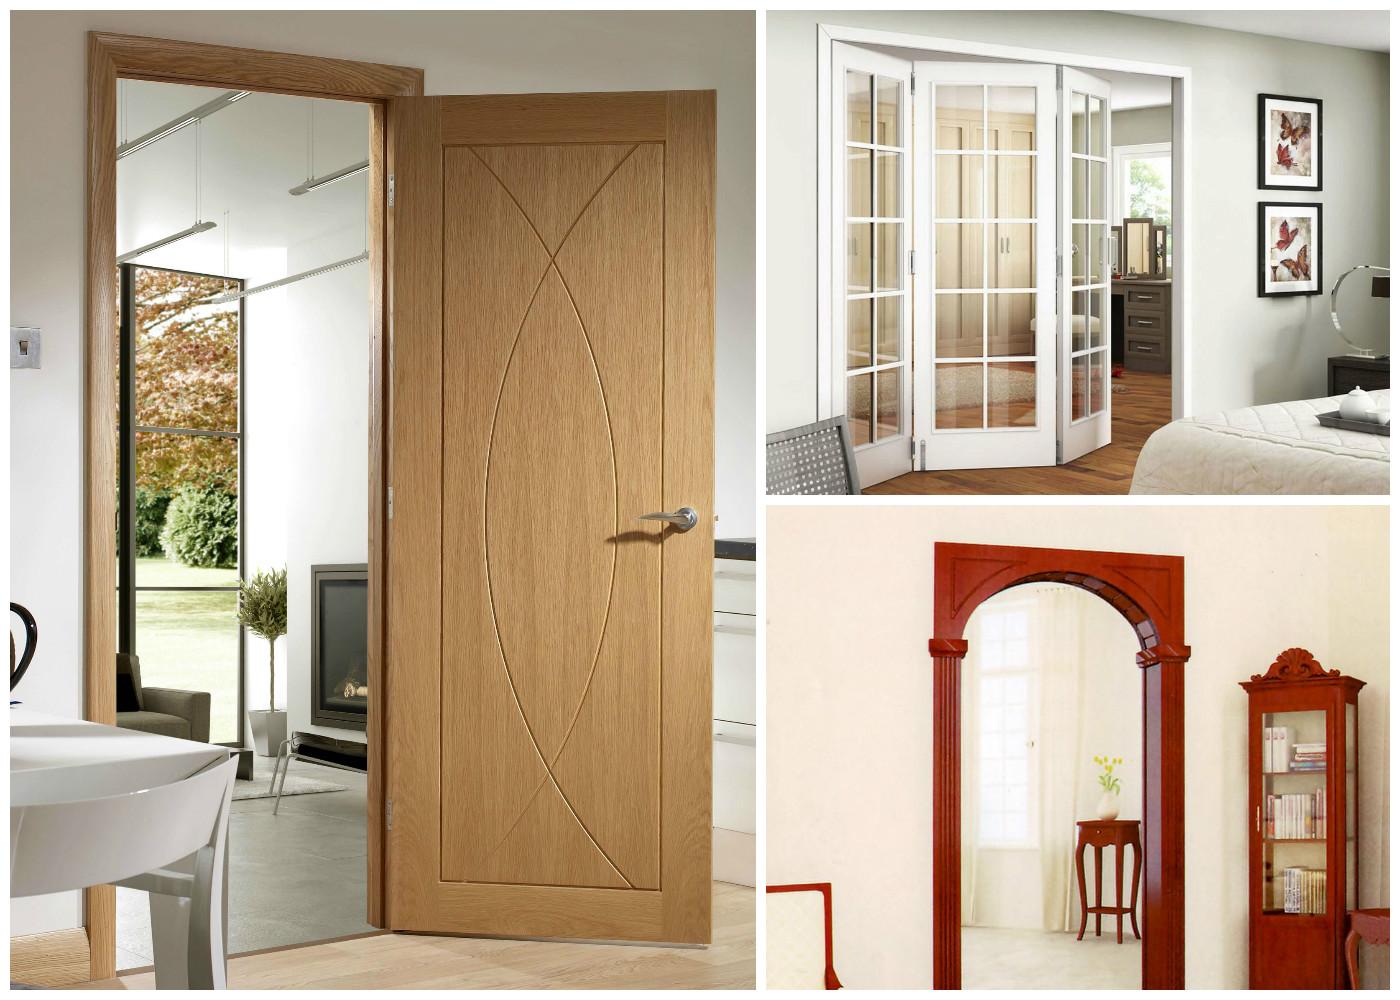 İç kapılar türleri nelerdir